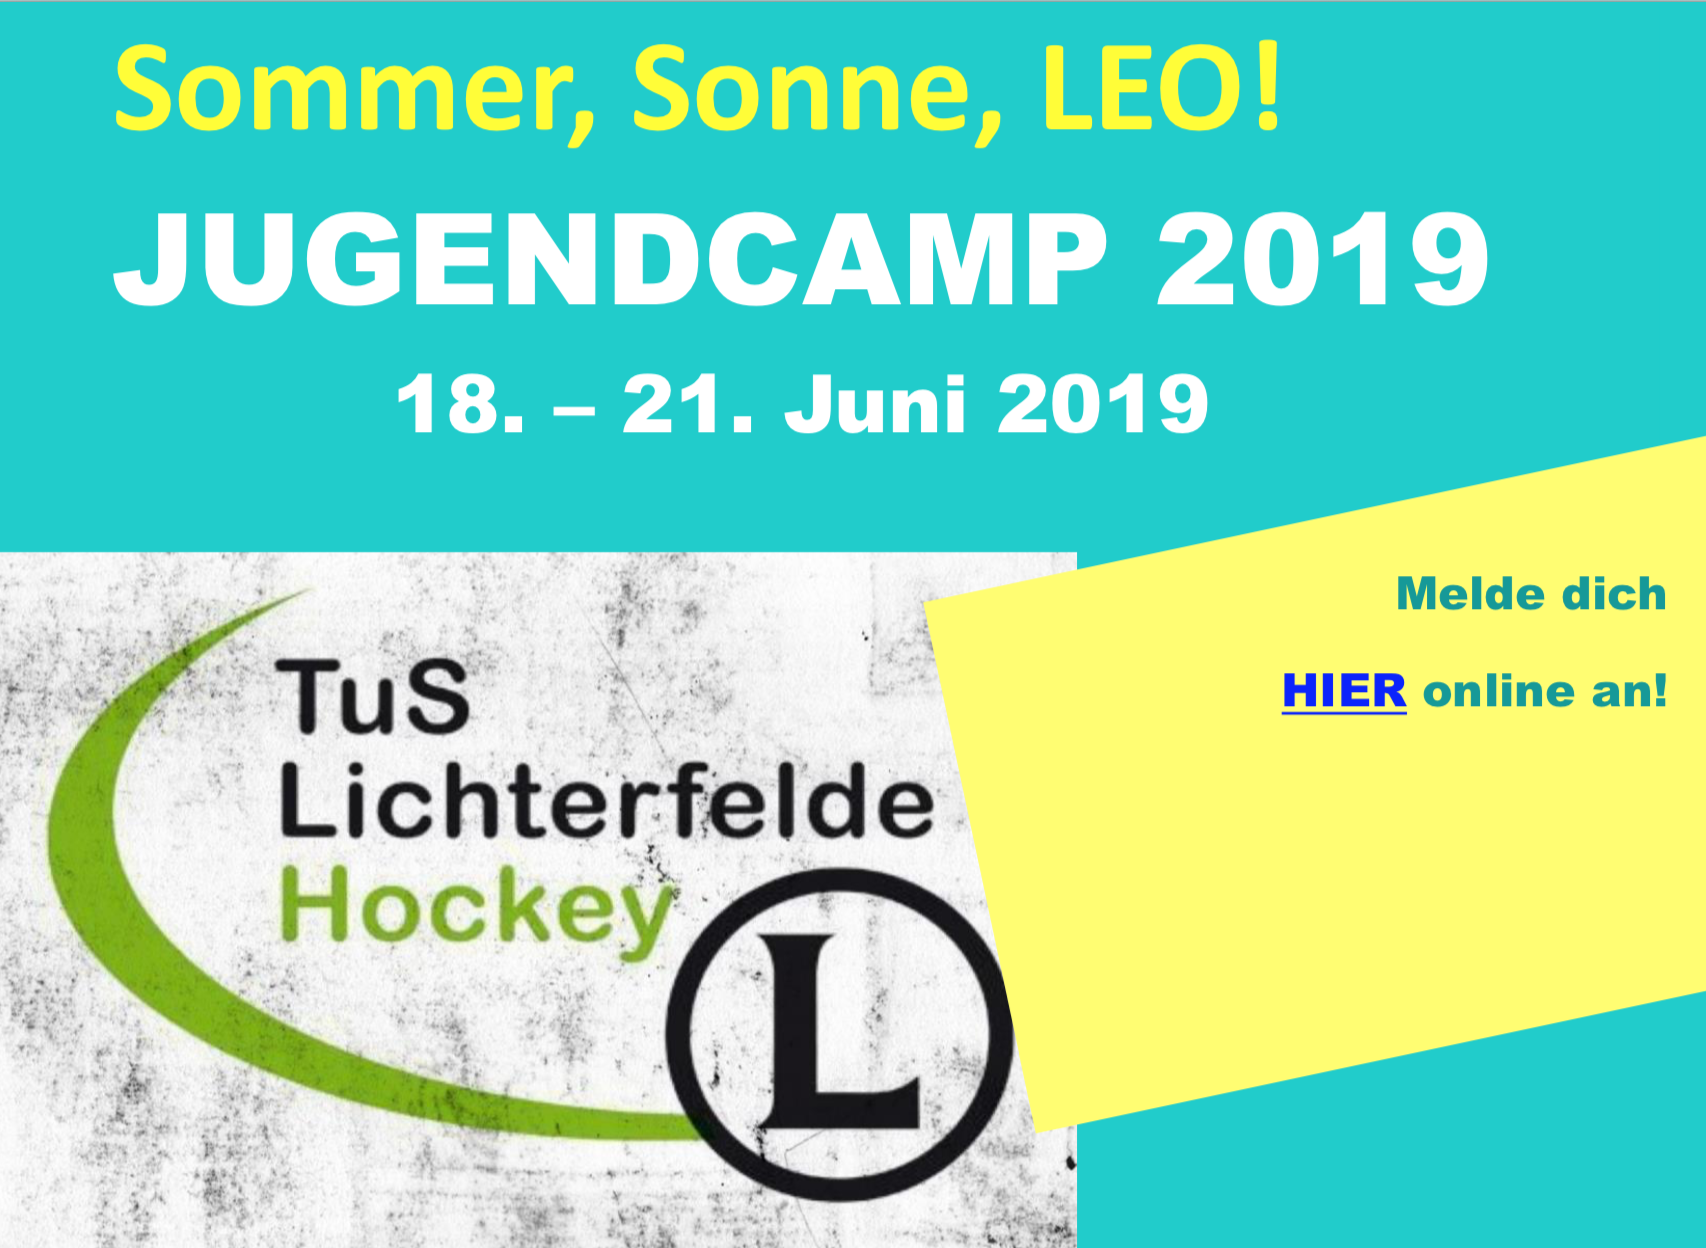 Sommer, Sonne, Leo! Jetzt die Plätze für das Sommer- und das Jugendcamp 2019 sichern